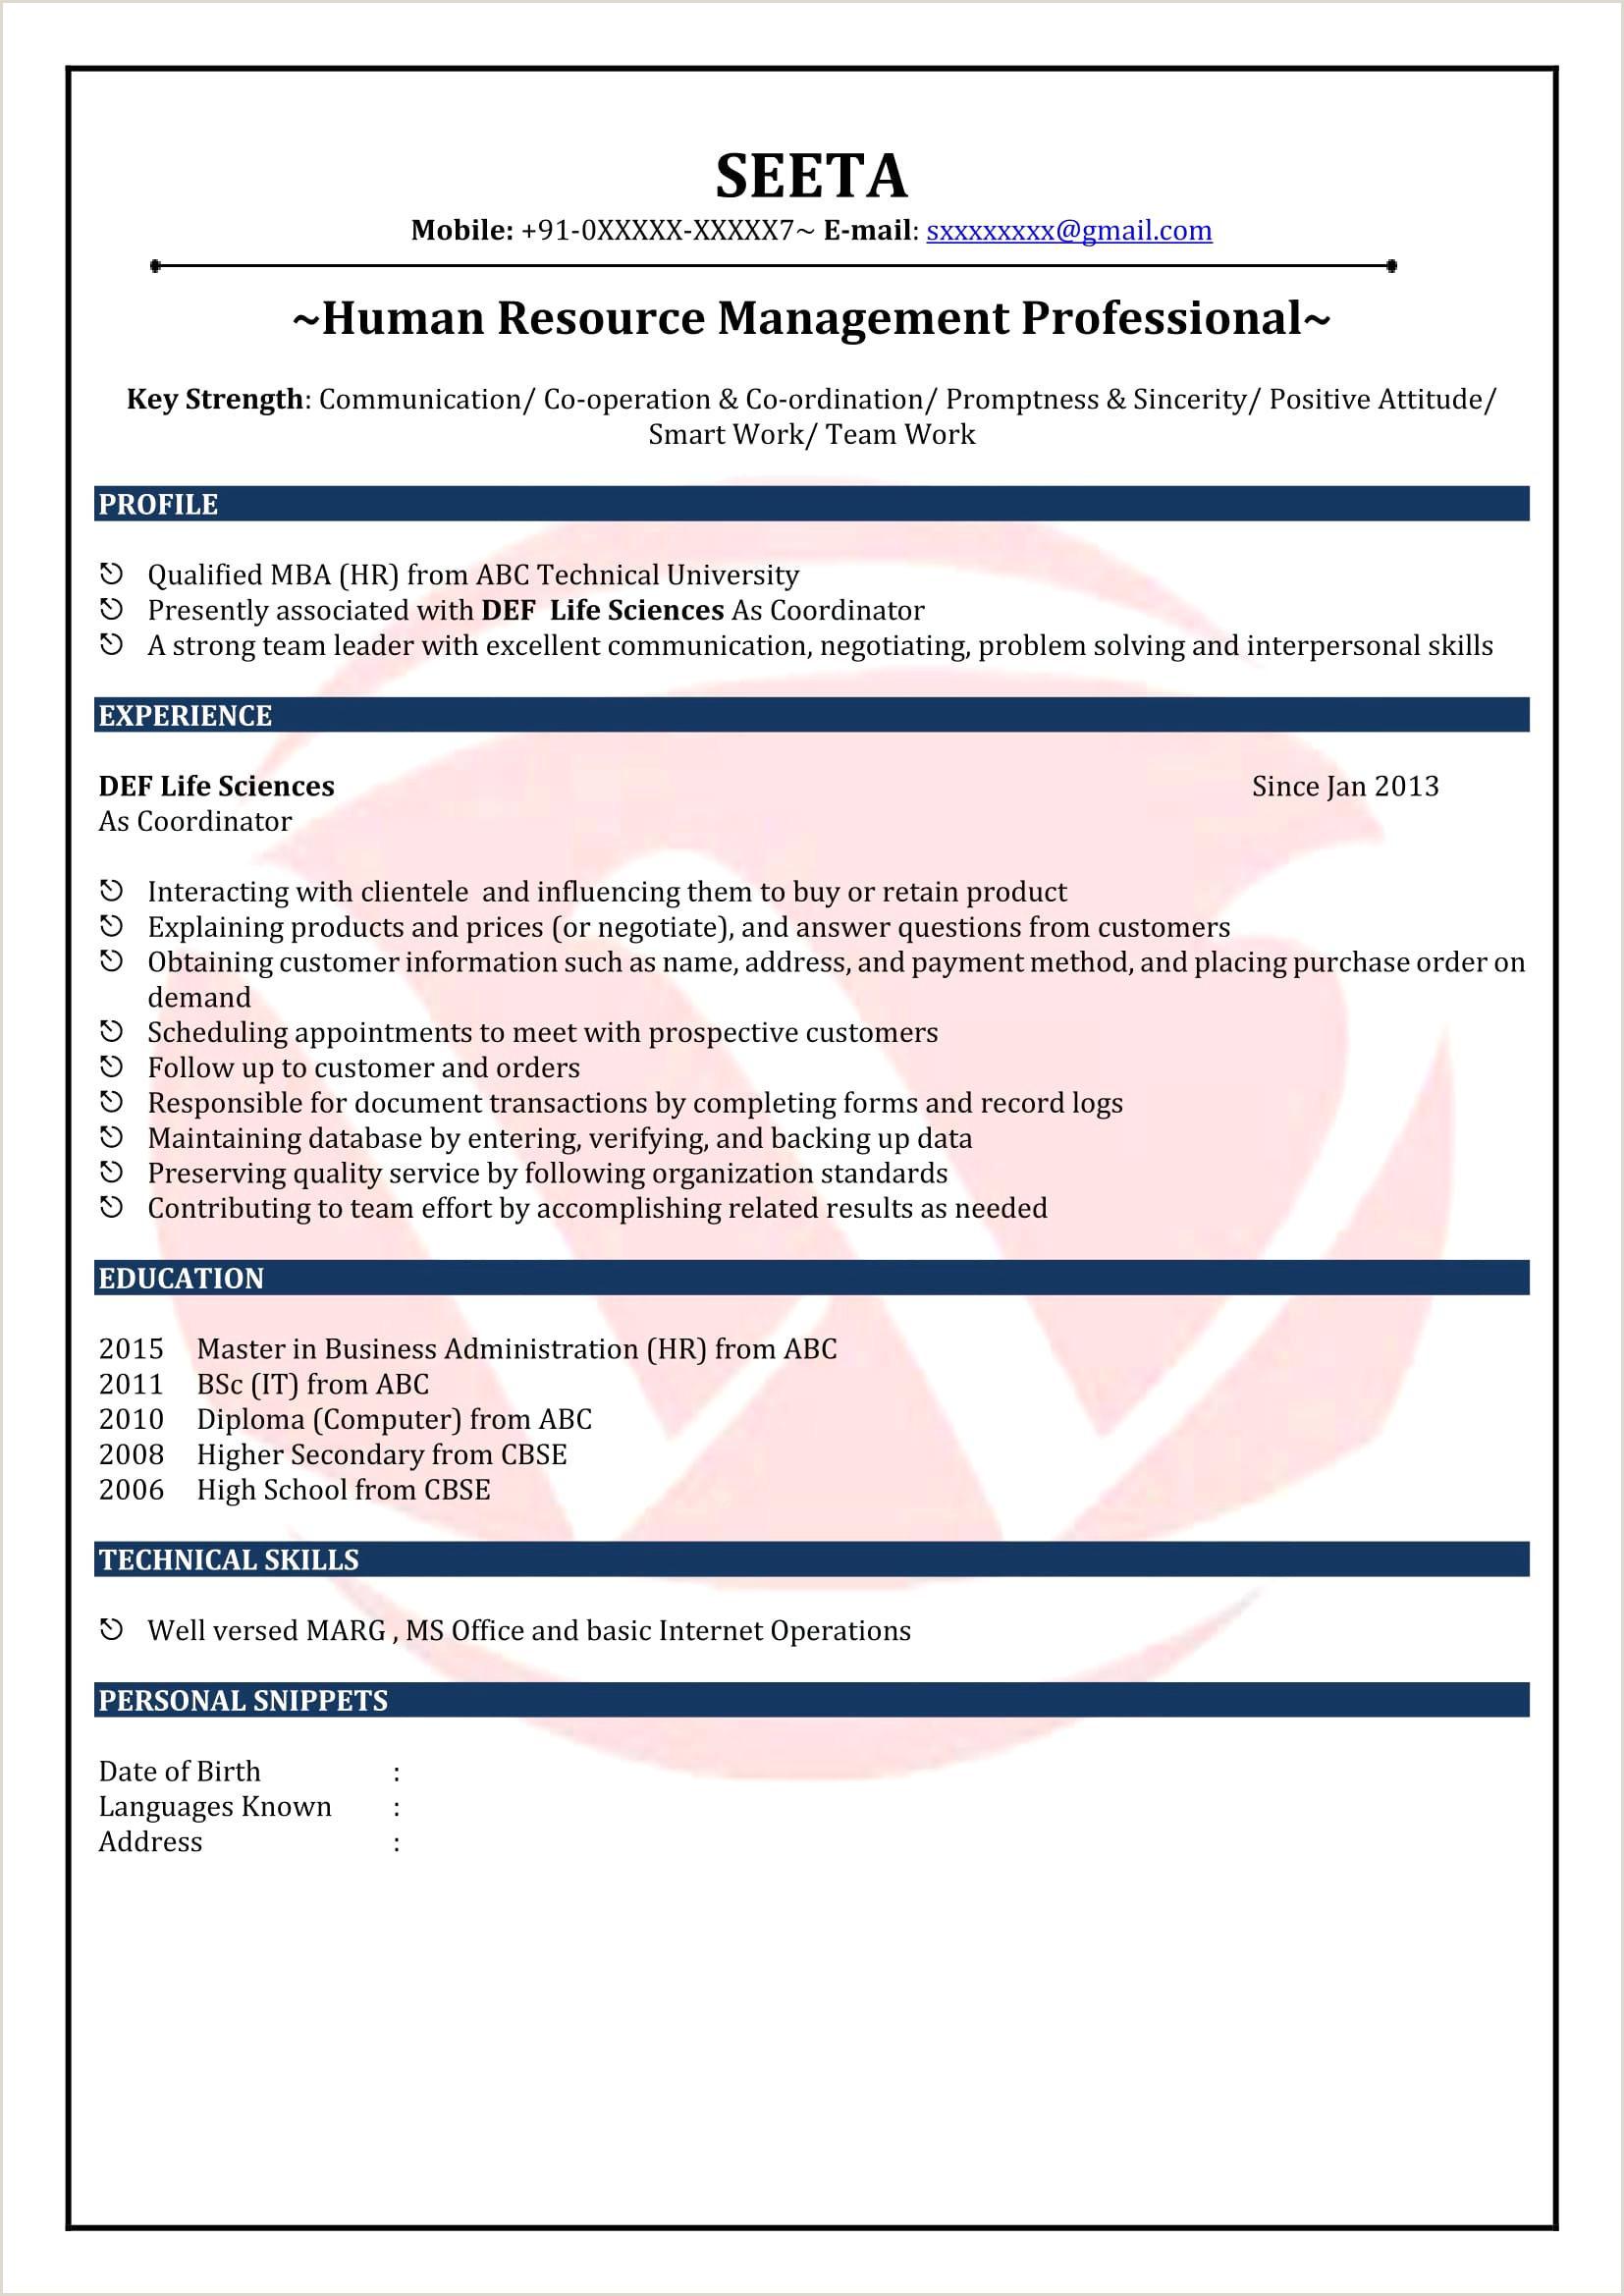 Mba Fresher Resume format Pdf Beautiful Mba Fresher Resume format Pdf